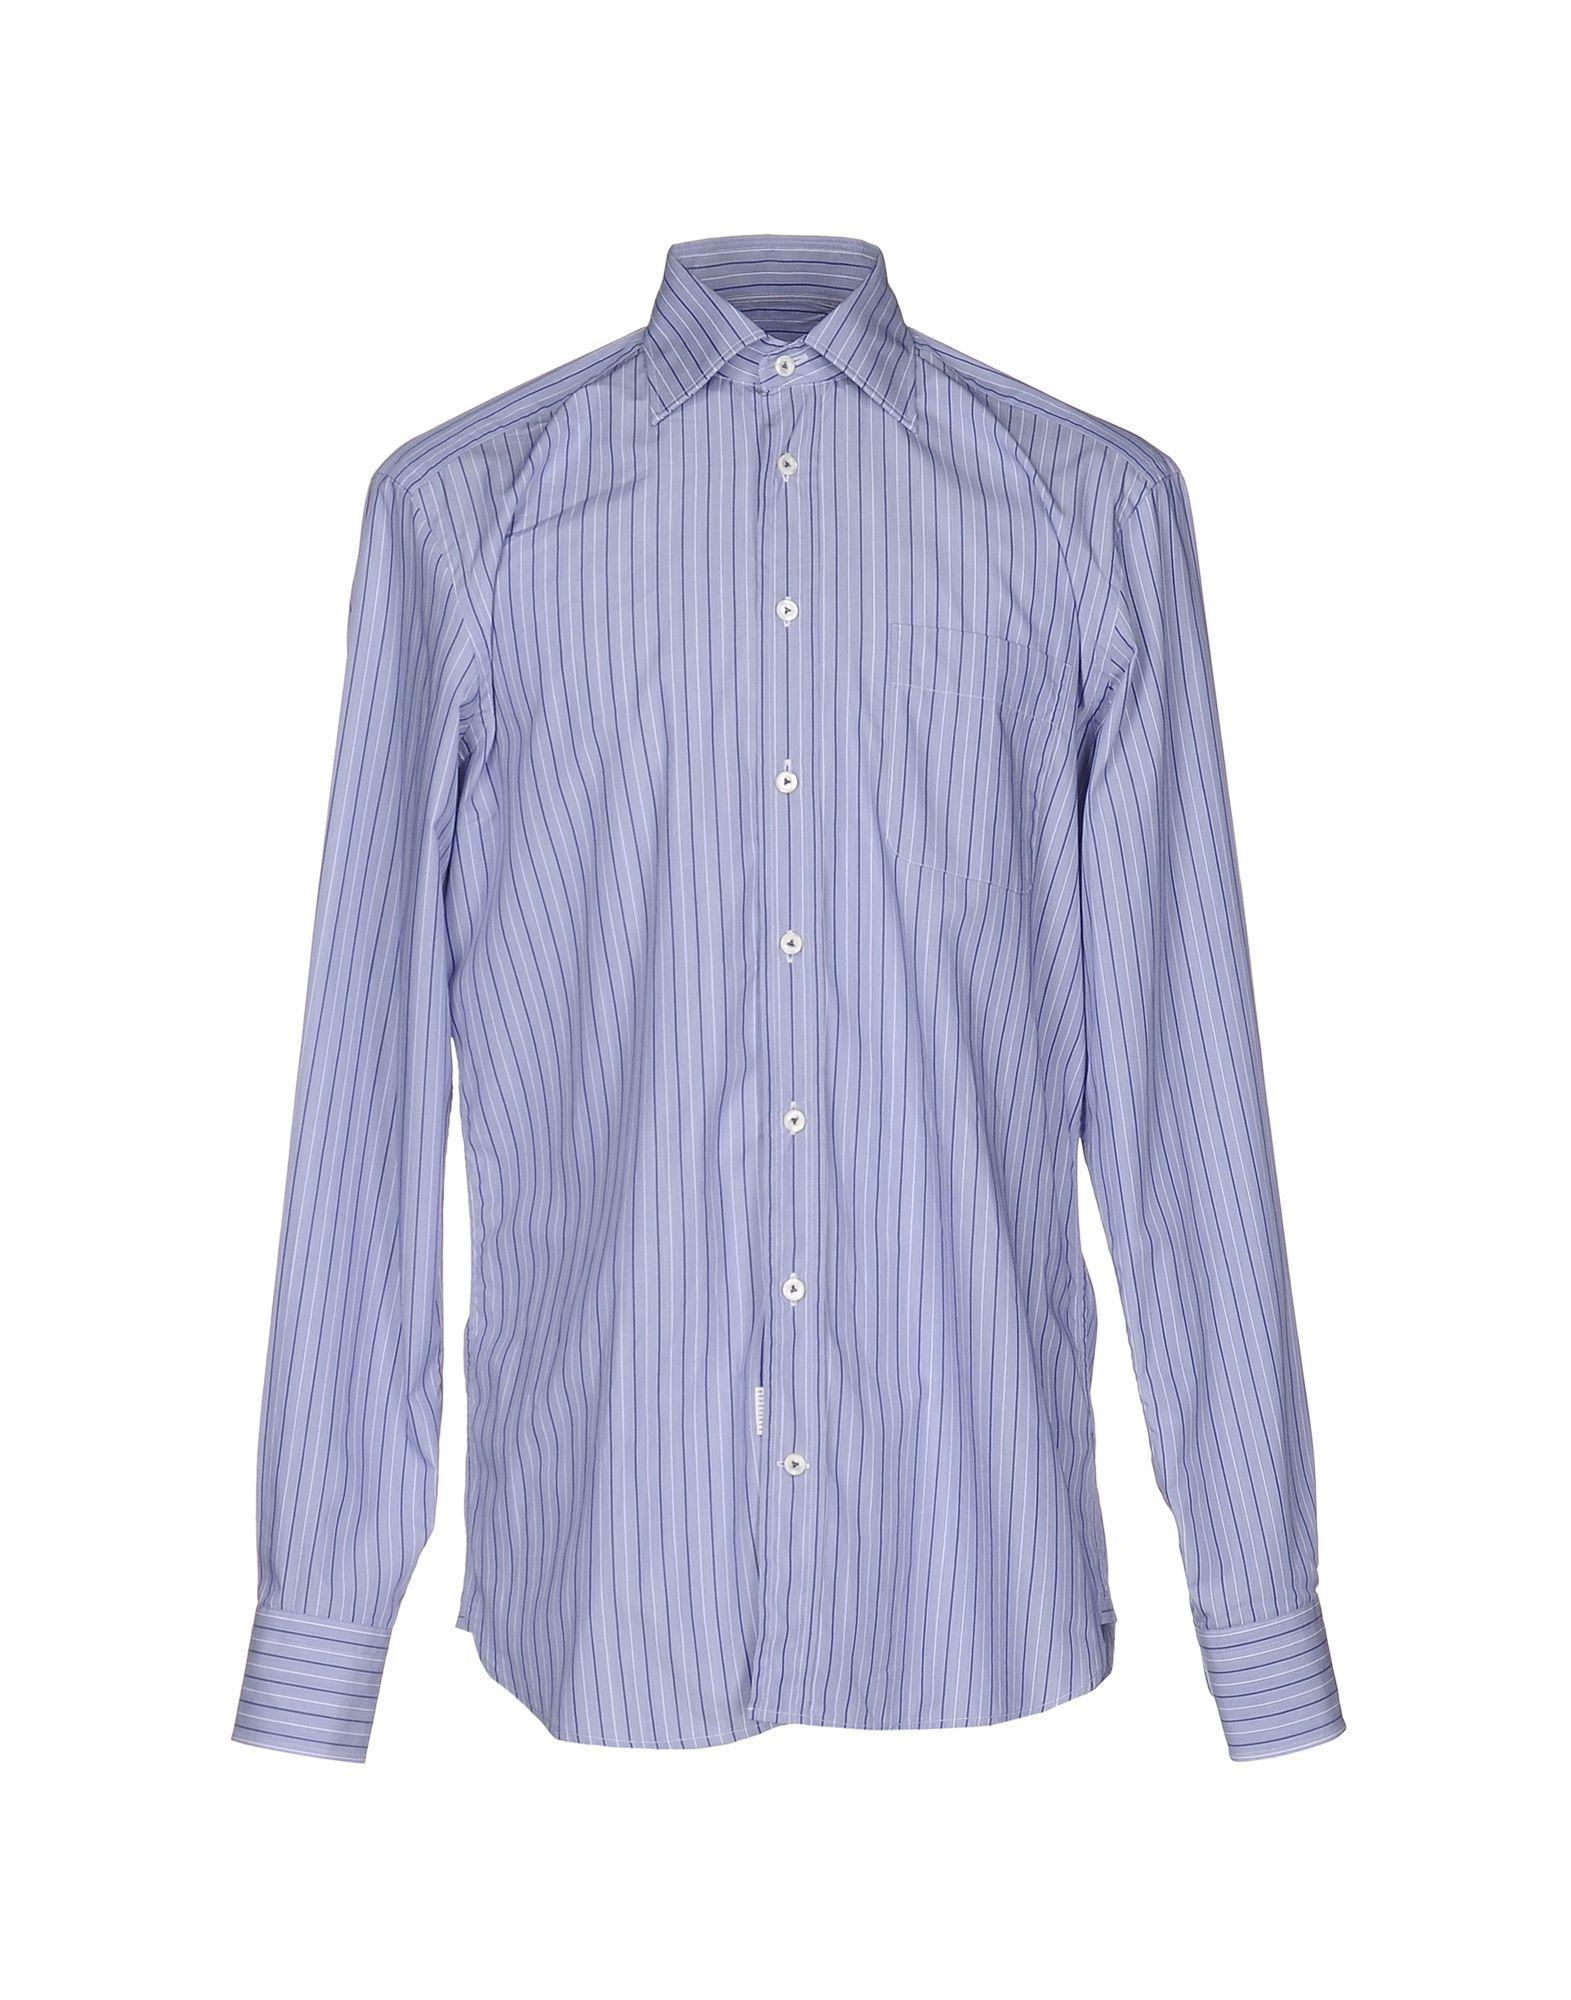 《送料無料》VAN LAACK メンズ シャツ ブルー 39 コットン 100%